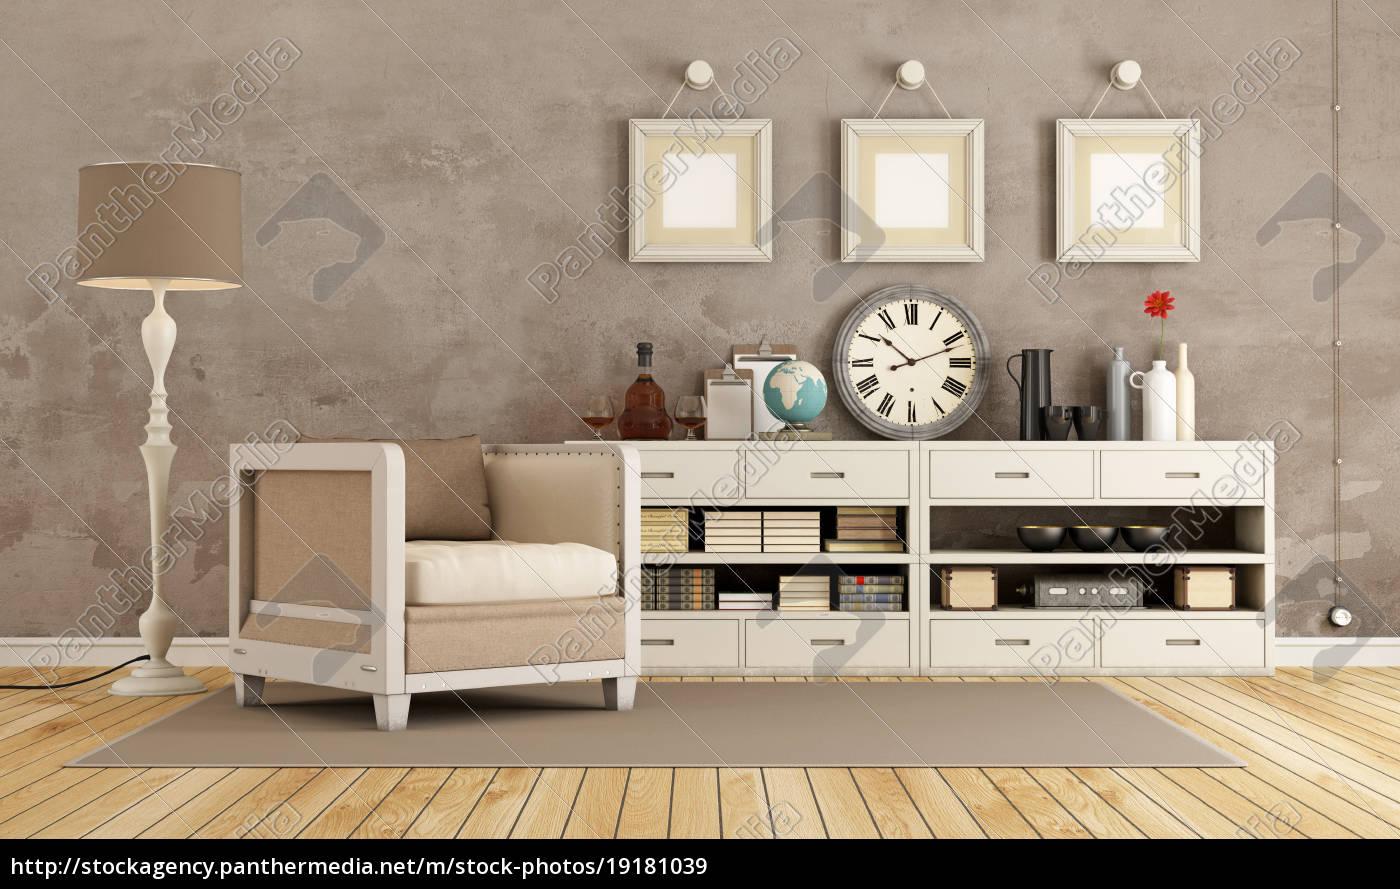 brown, vintage, room - 19181039